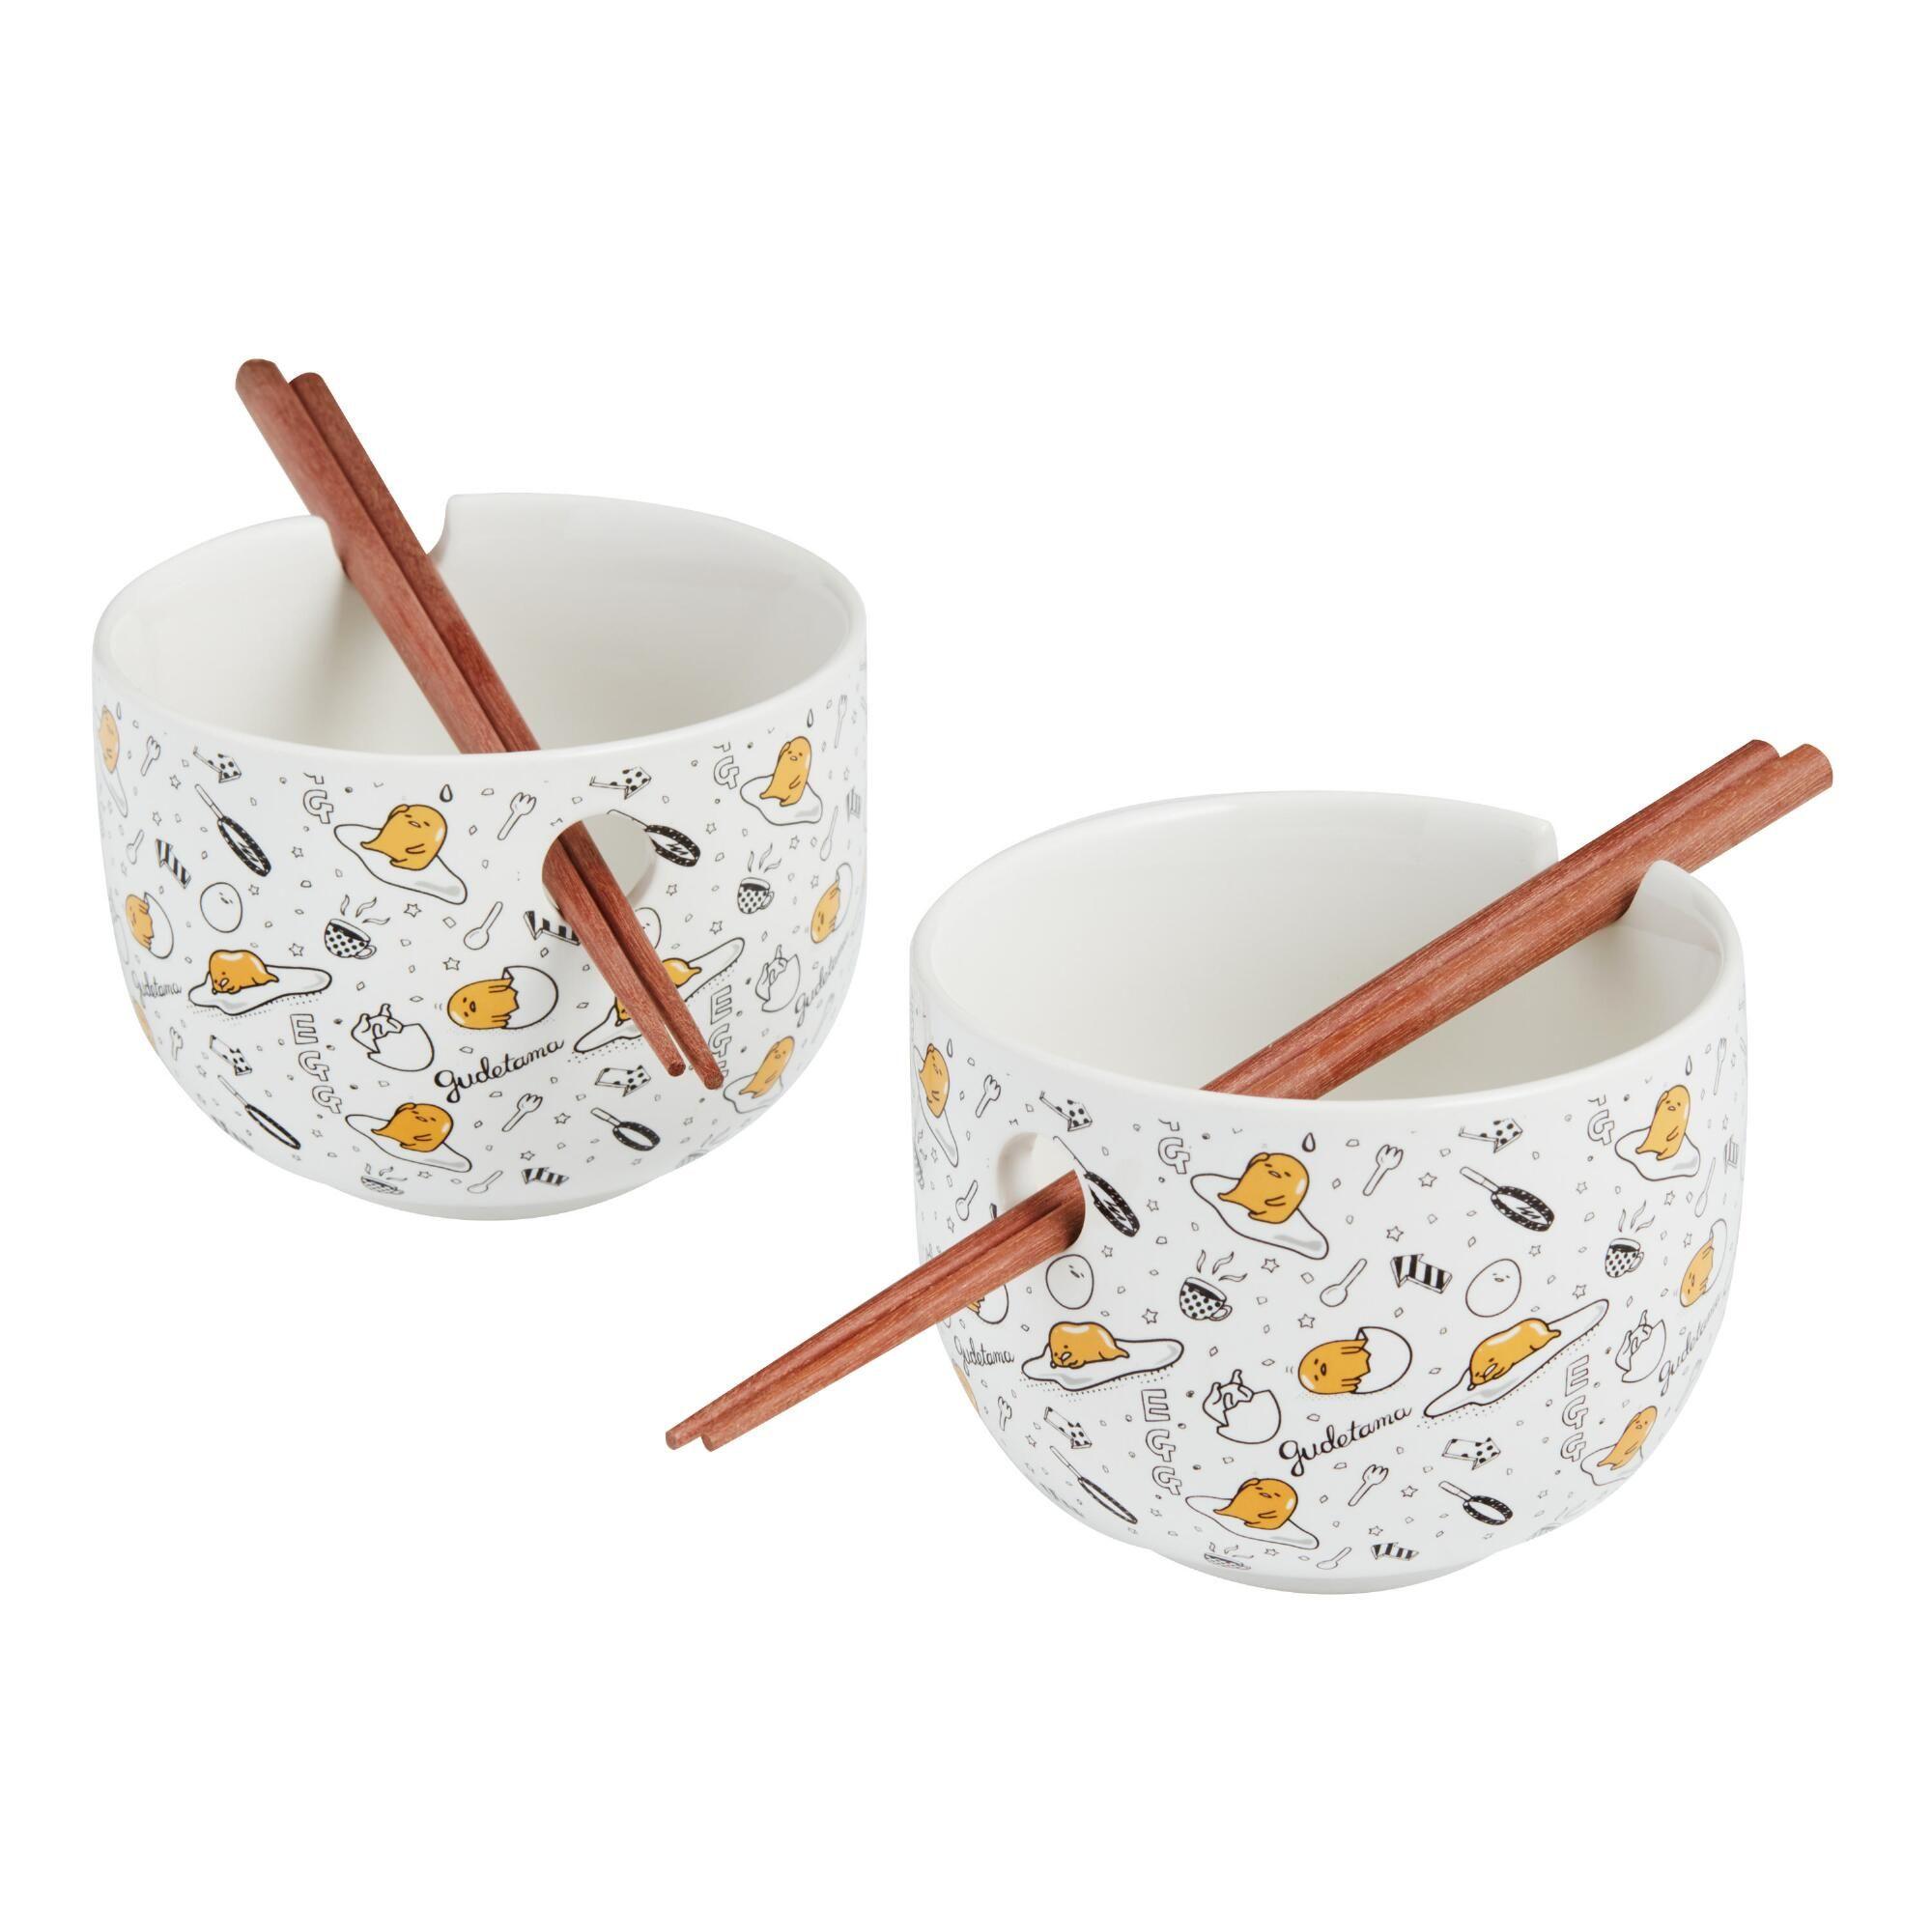 Gudetama noodle bowl and chopsticks set in 2020